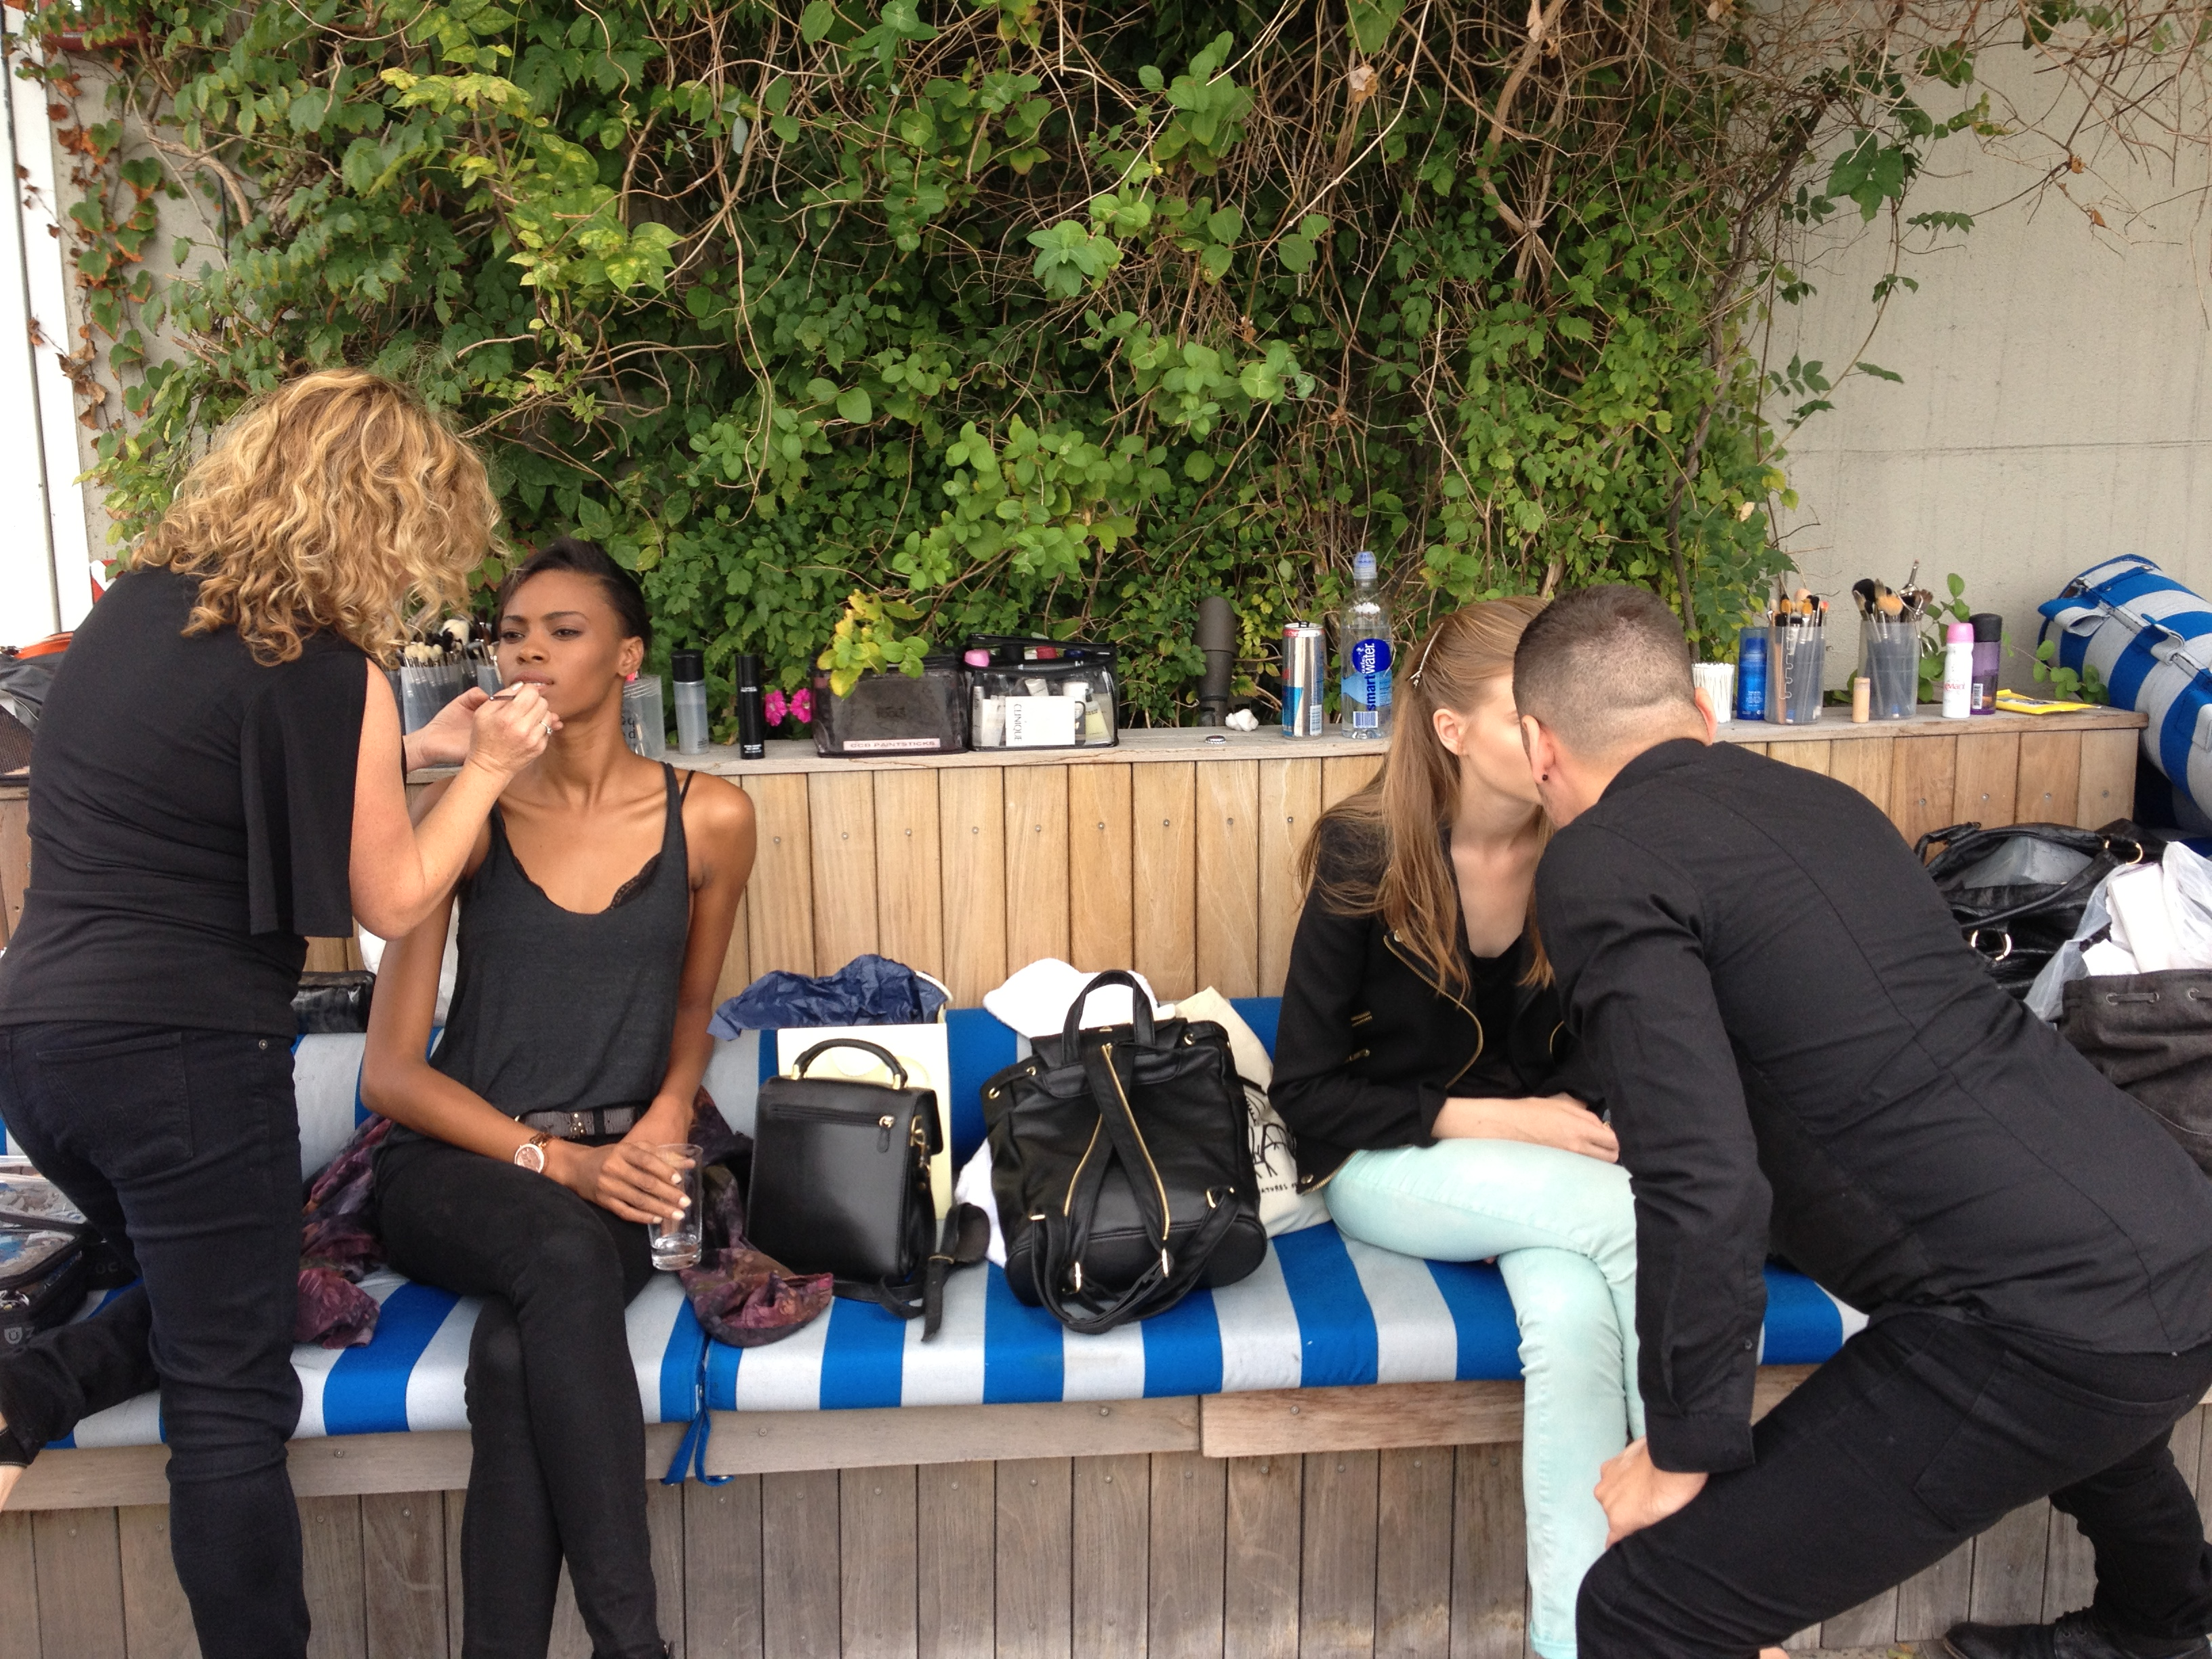 Makeup prep outside